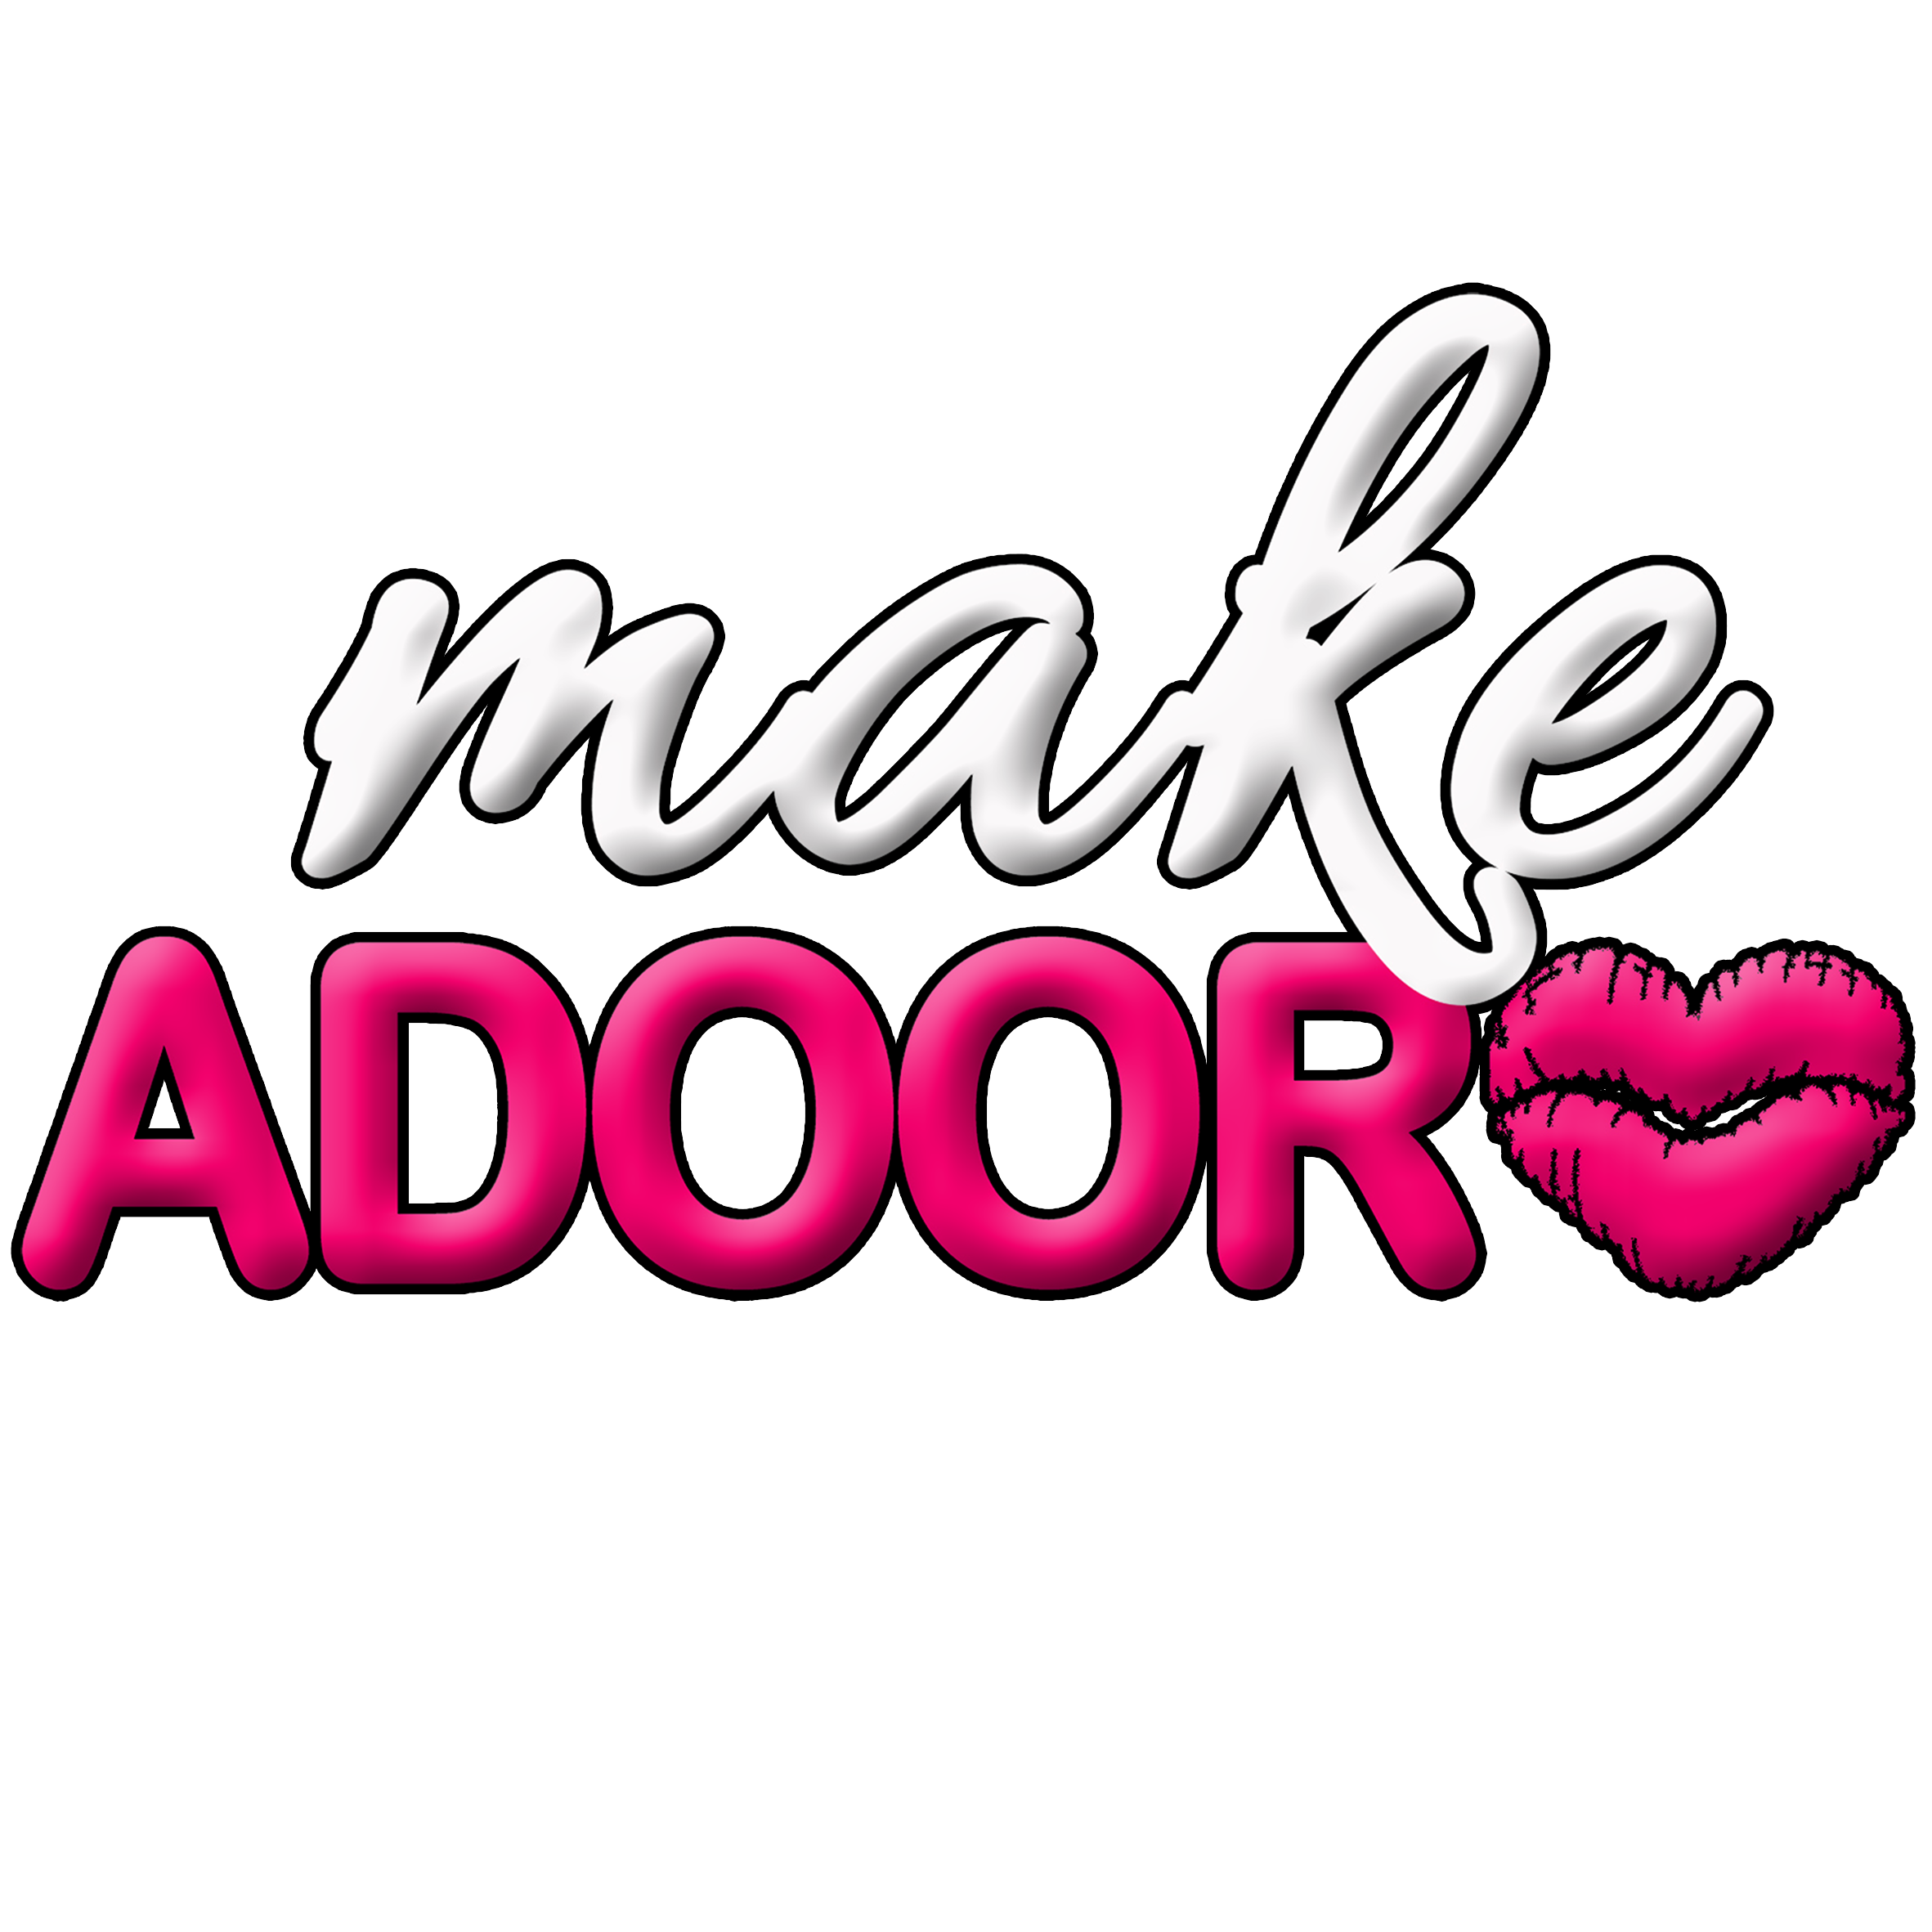 Make Adooro